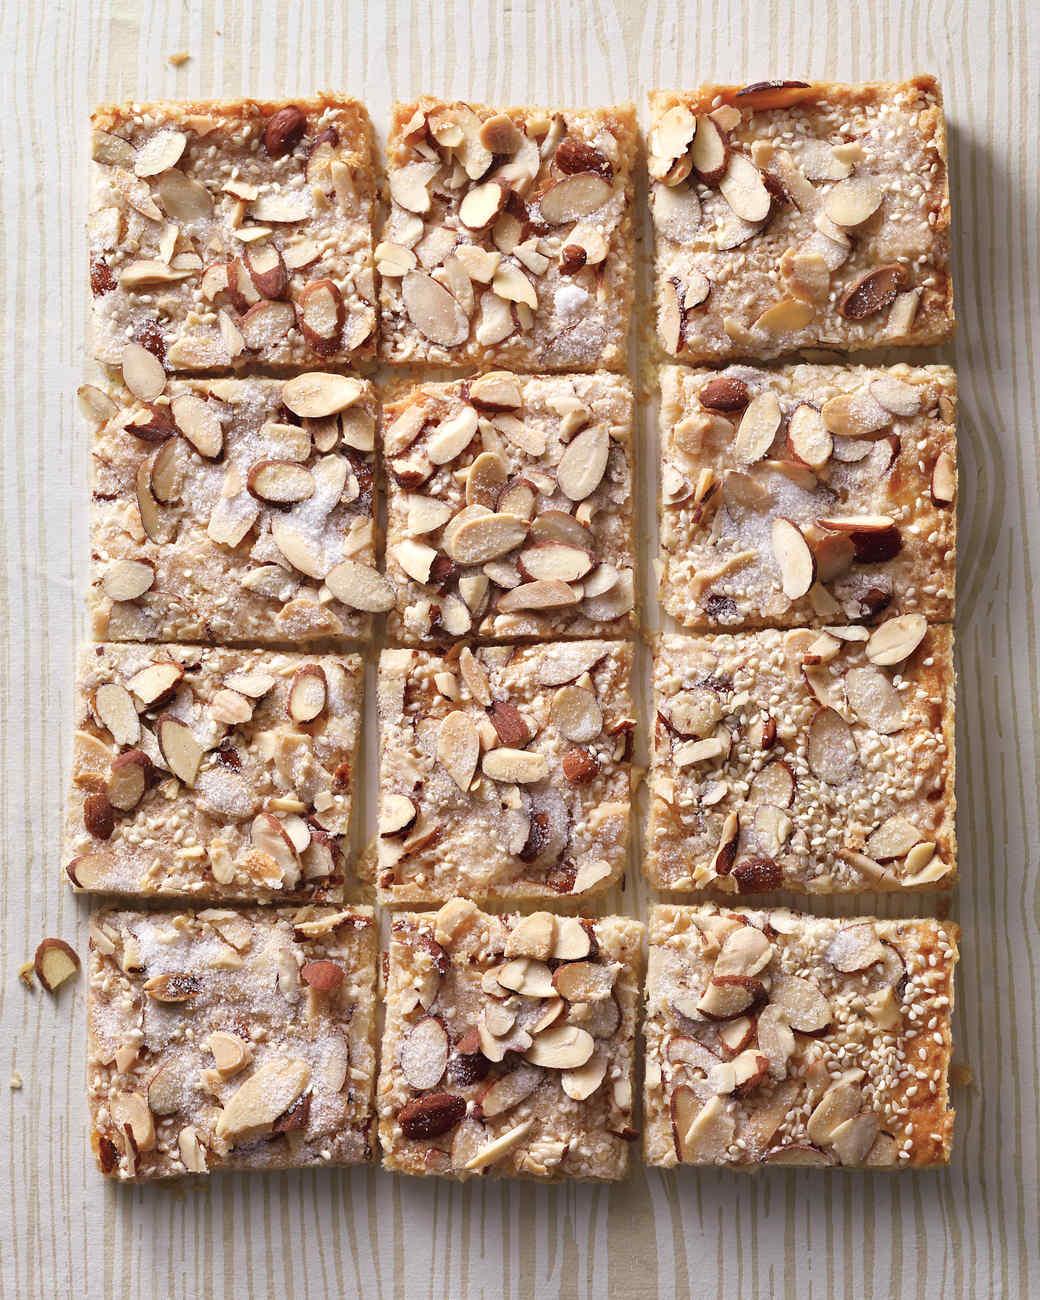 Gingered Sesame-Almond Shortbread Bark